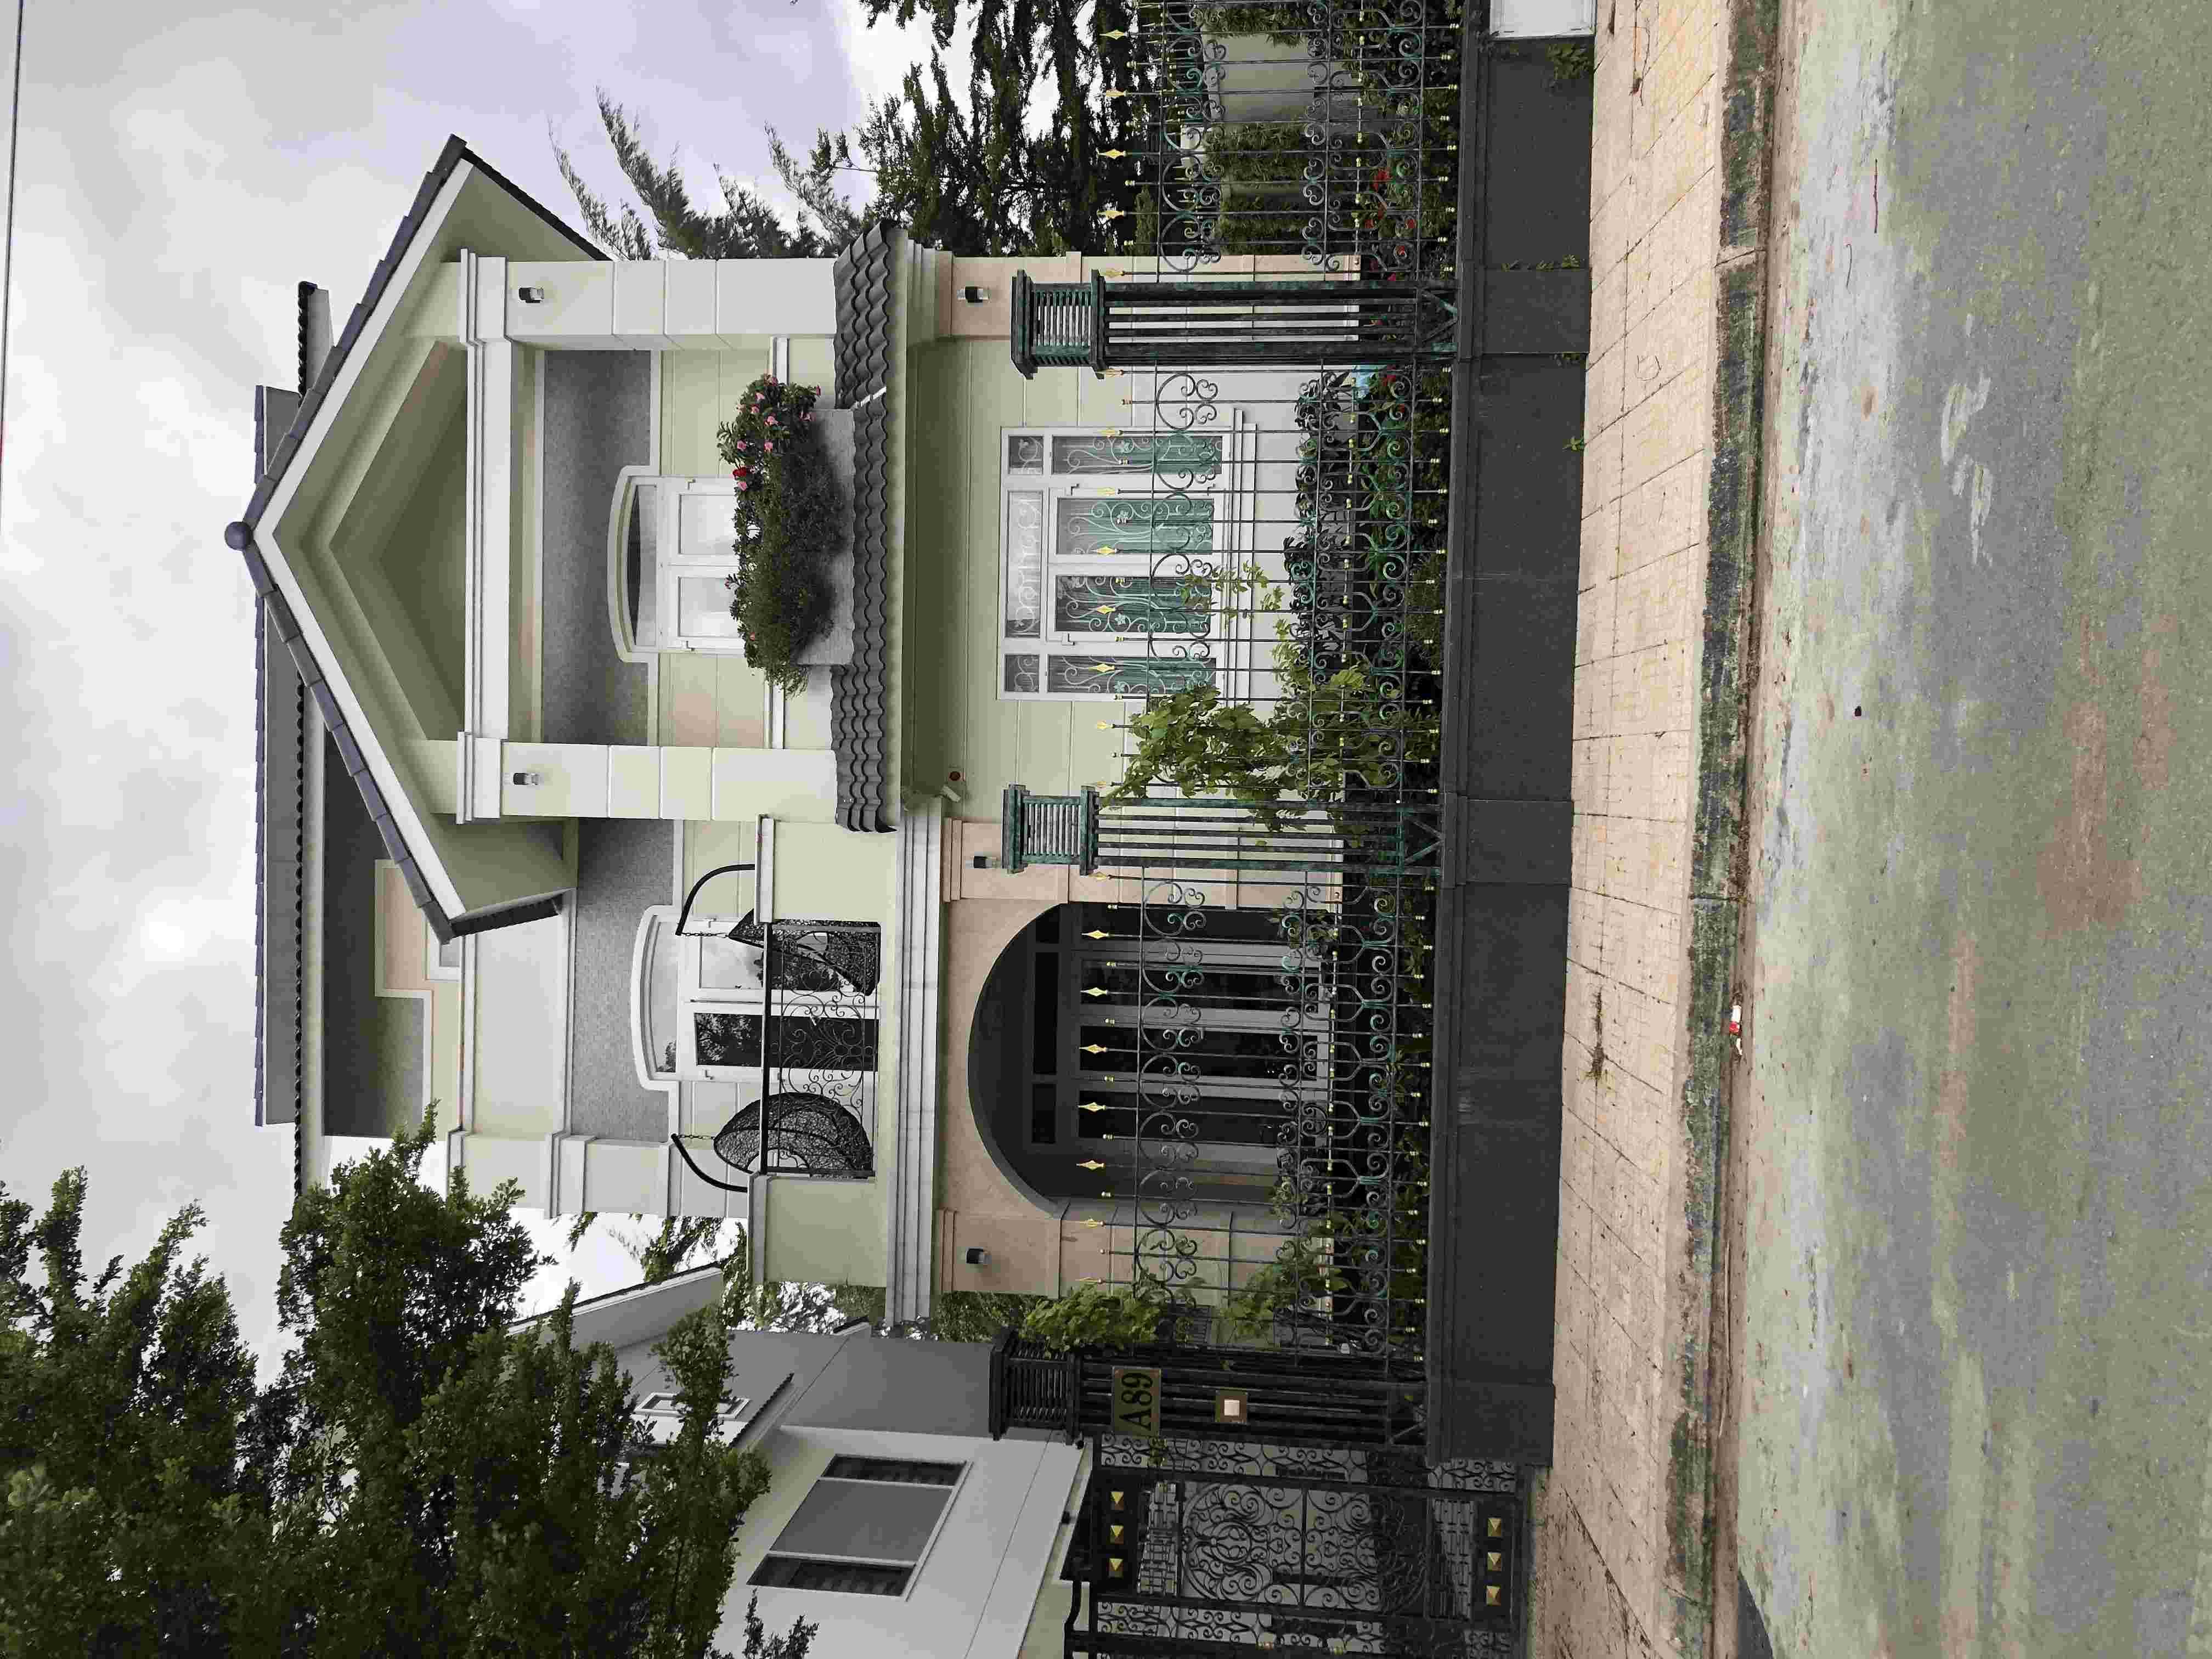 Bán nhà biệt thự Sadeco Nghỉ Ngơi Giải Trí giá rẻ 26 tỷ,  để lại nội thất, View Công Viên. LH: 0913.050.053